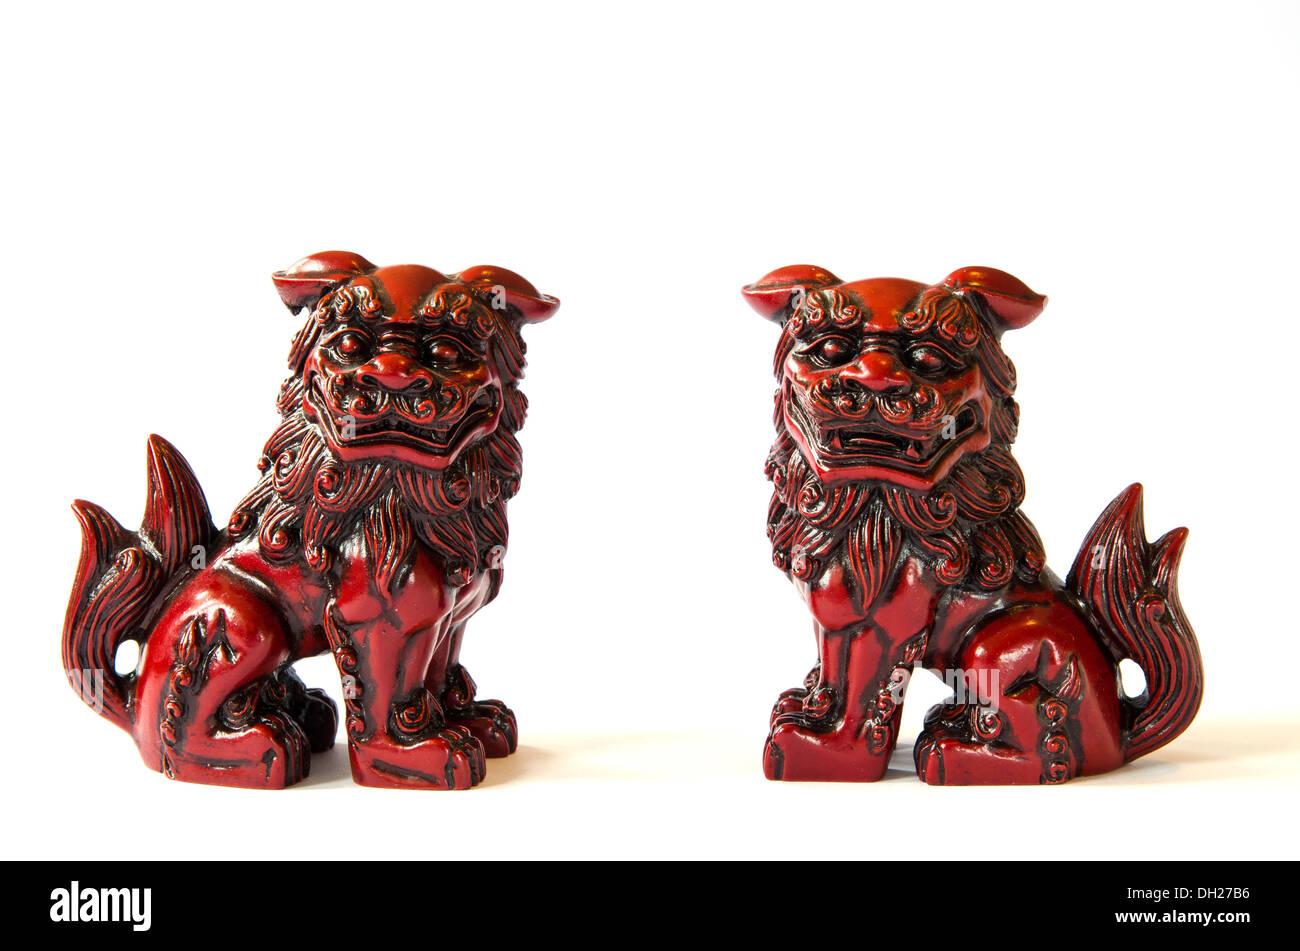 Shisa fugures used as mythology protection at the japanese islands Okinawa. - Stock Image